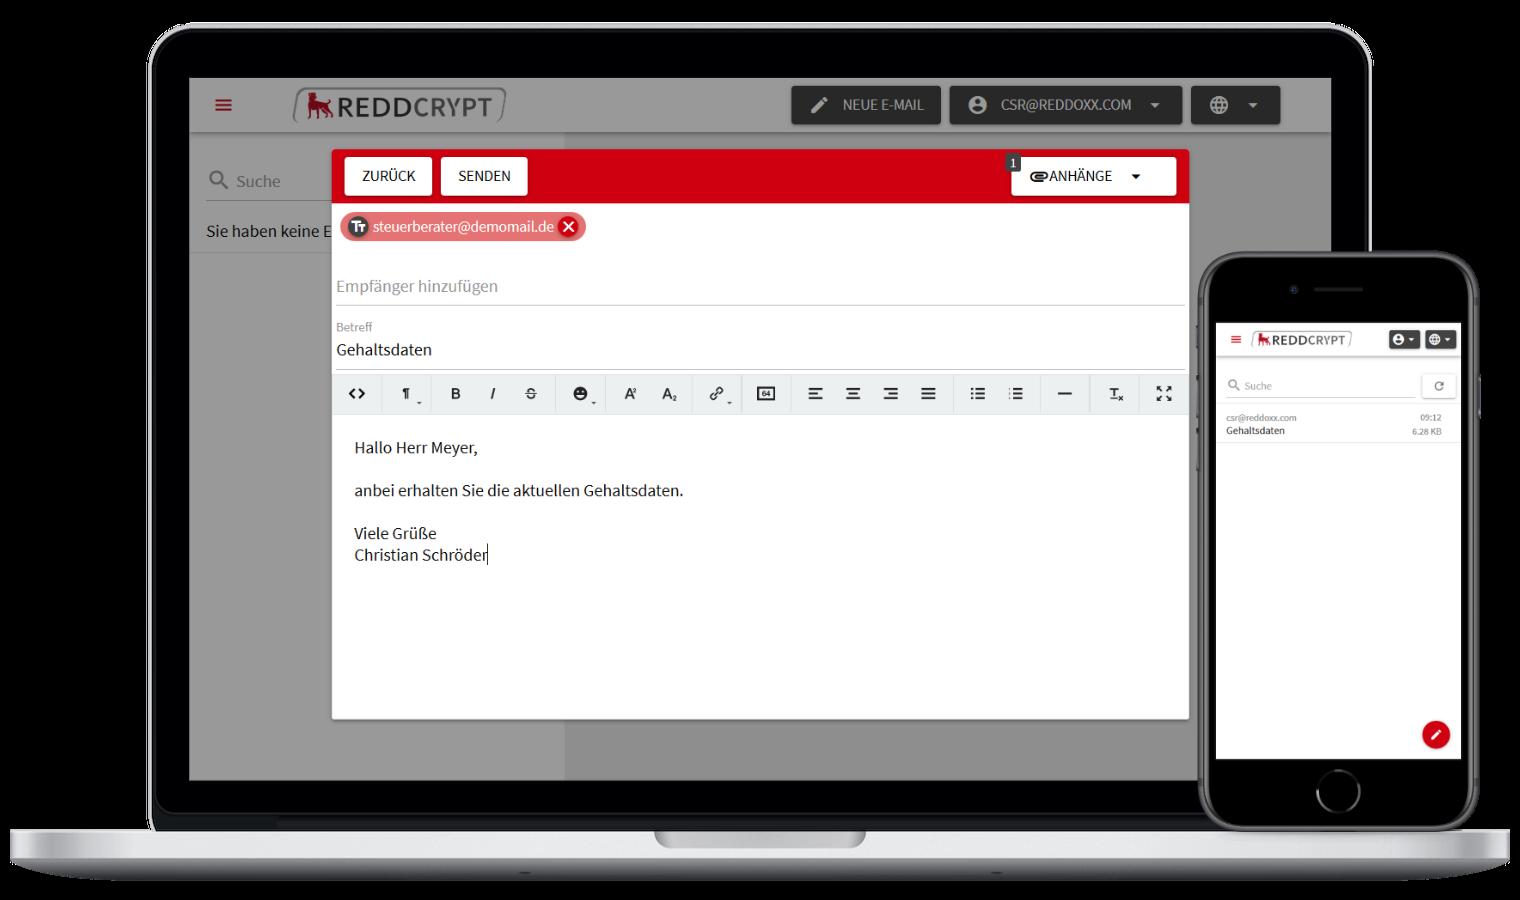 Mit der REDDCRYPT Web App kann Jeder kostenfrei seine E-Mails ver- und entschlüsseln